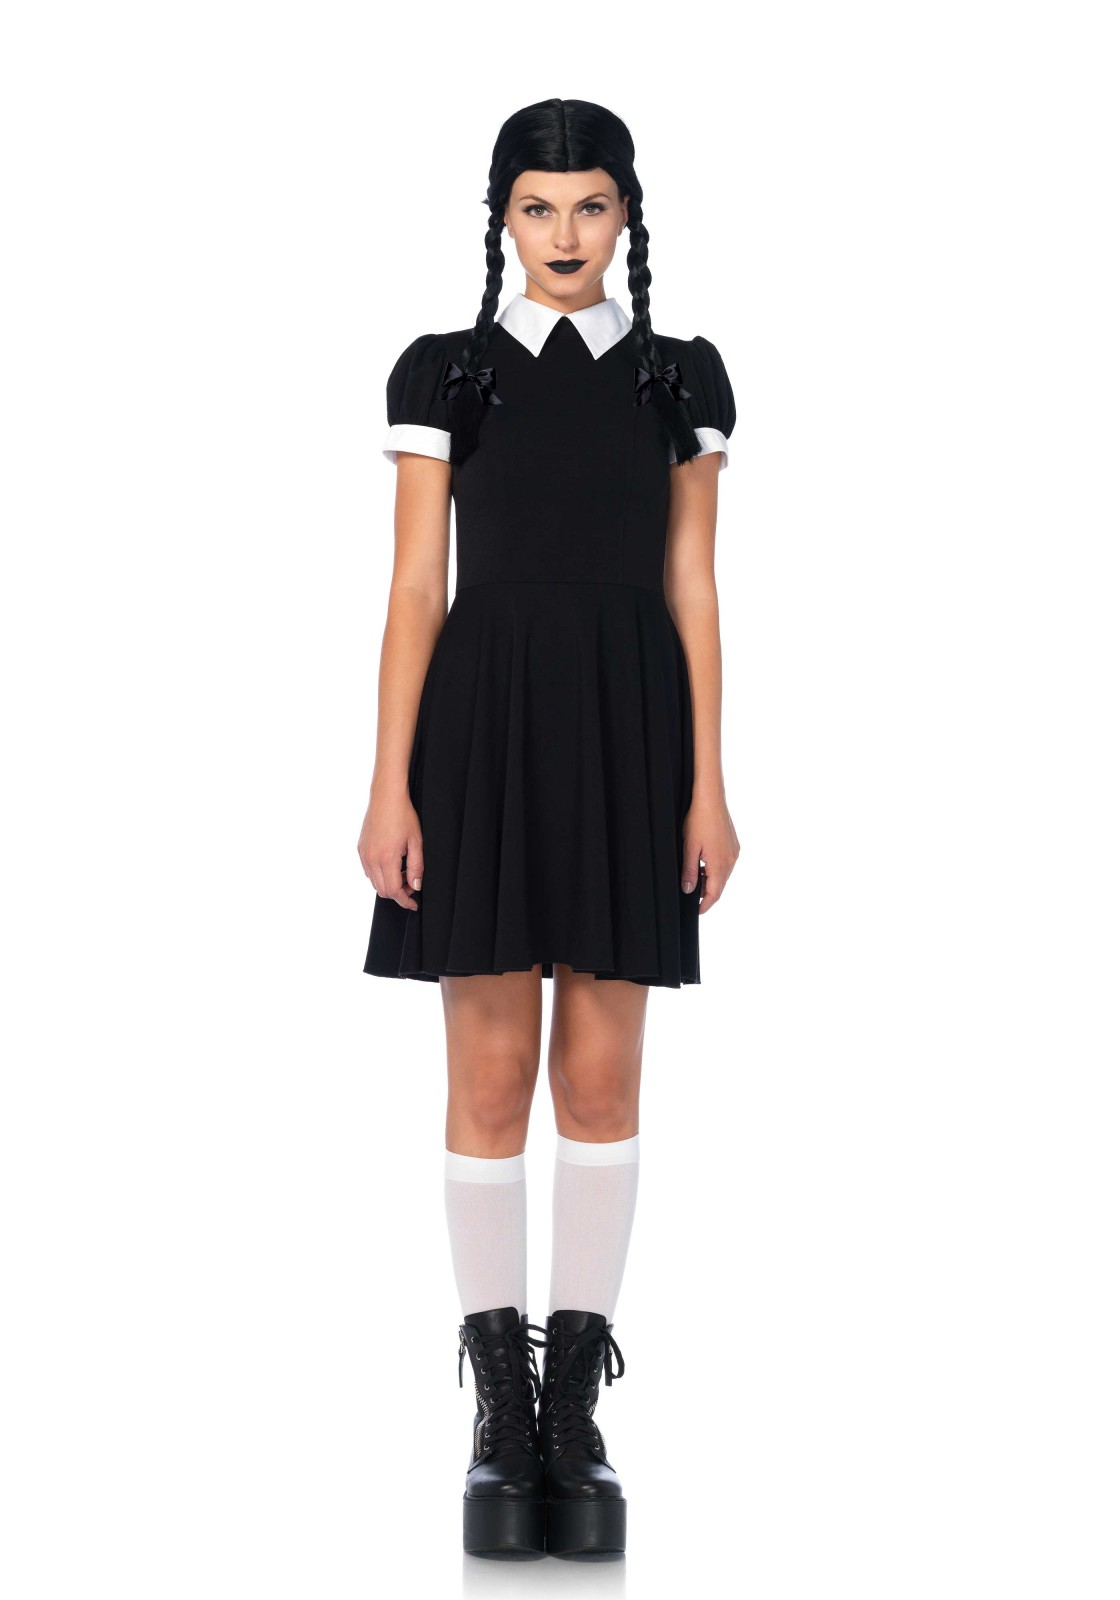 Vestido negro y cuello blanco